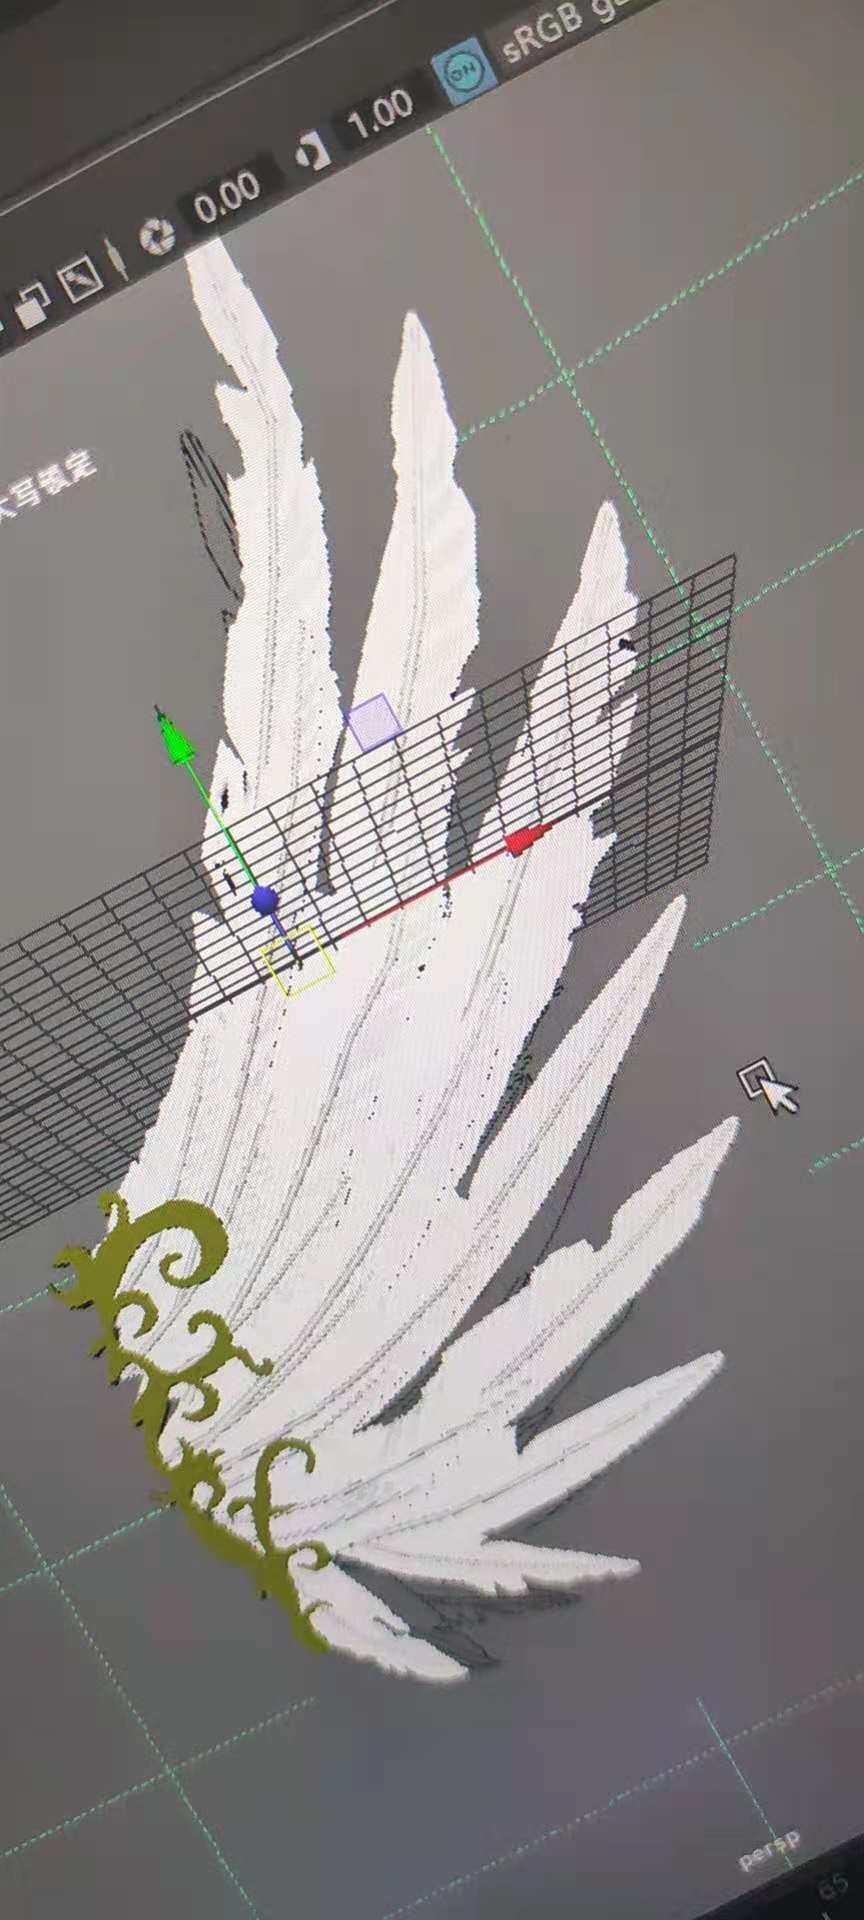 羽毛 翅膀 翼